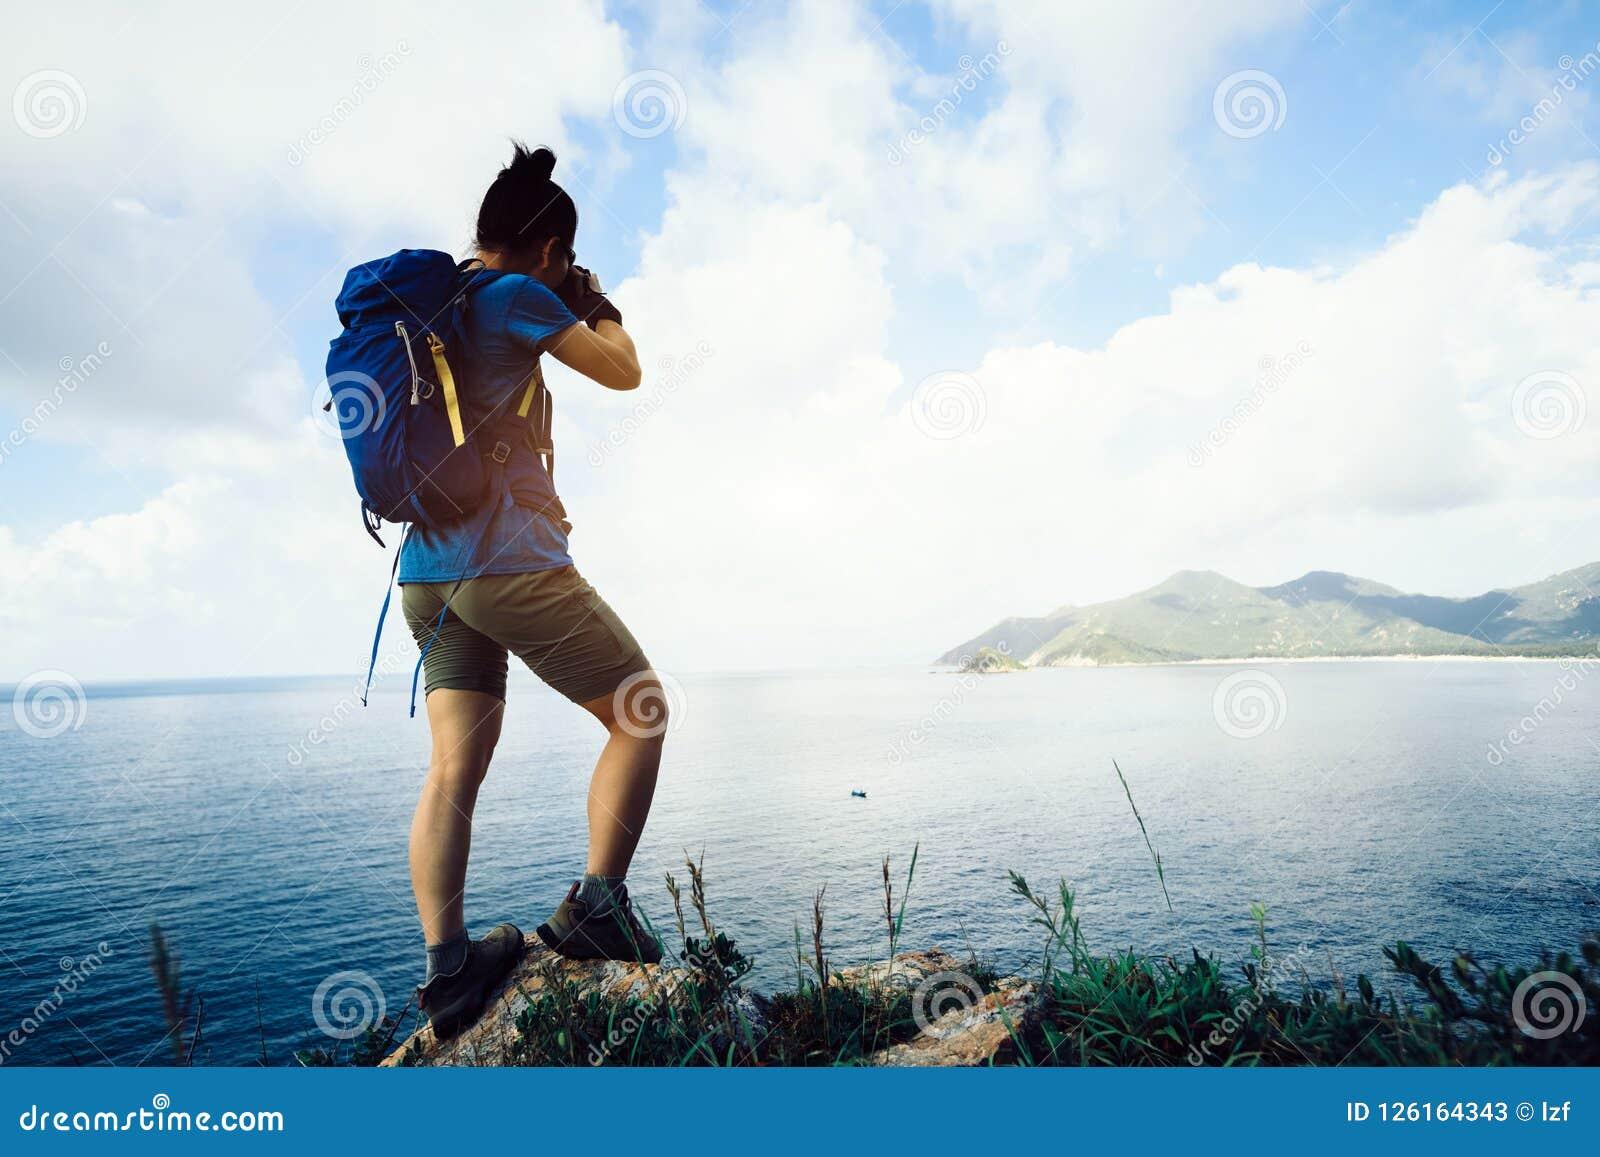 Fotógrafo Hiking In Seaside que toma a foto com câmera